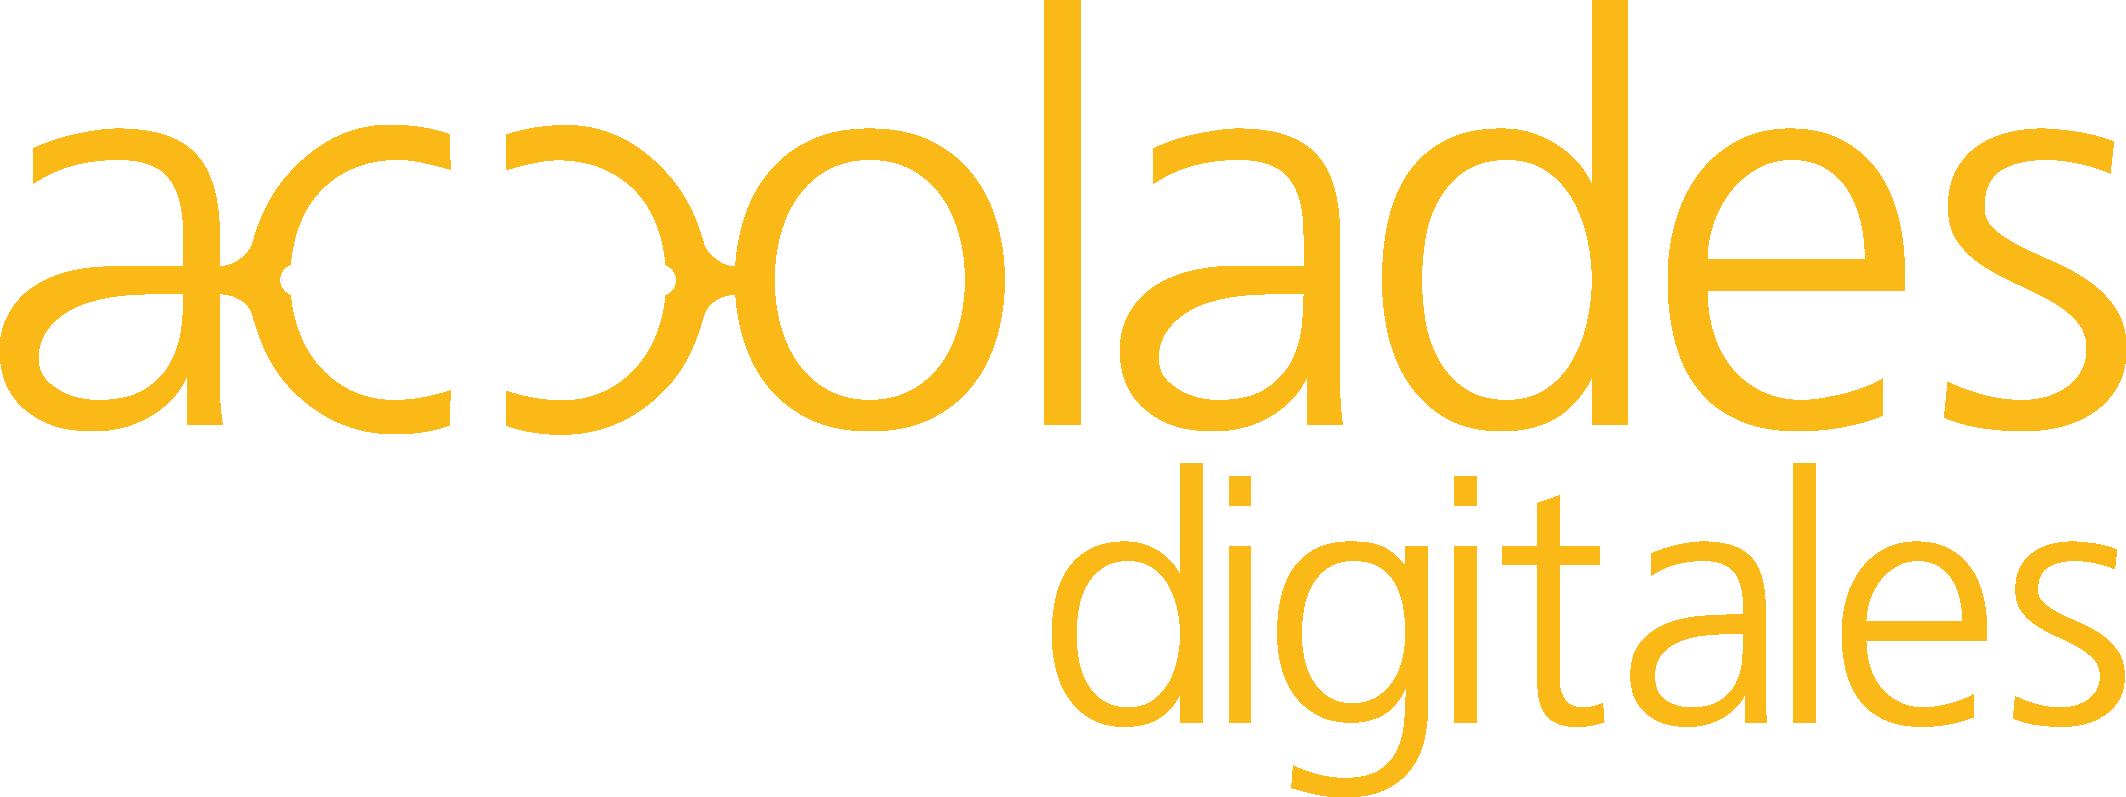 Accolades digitales